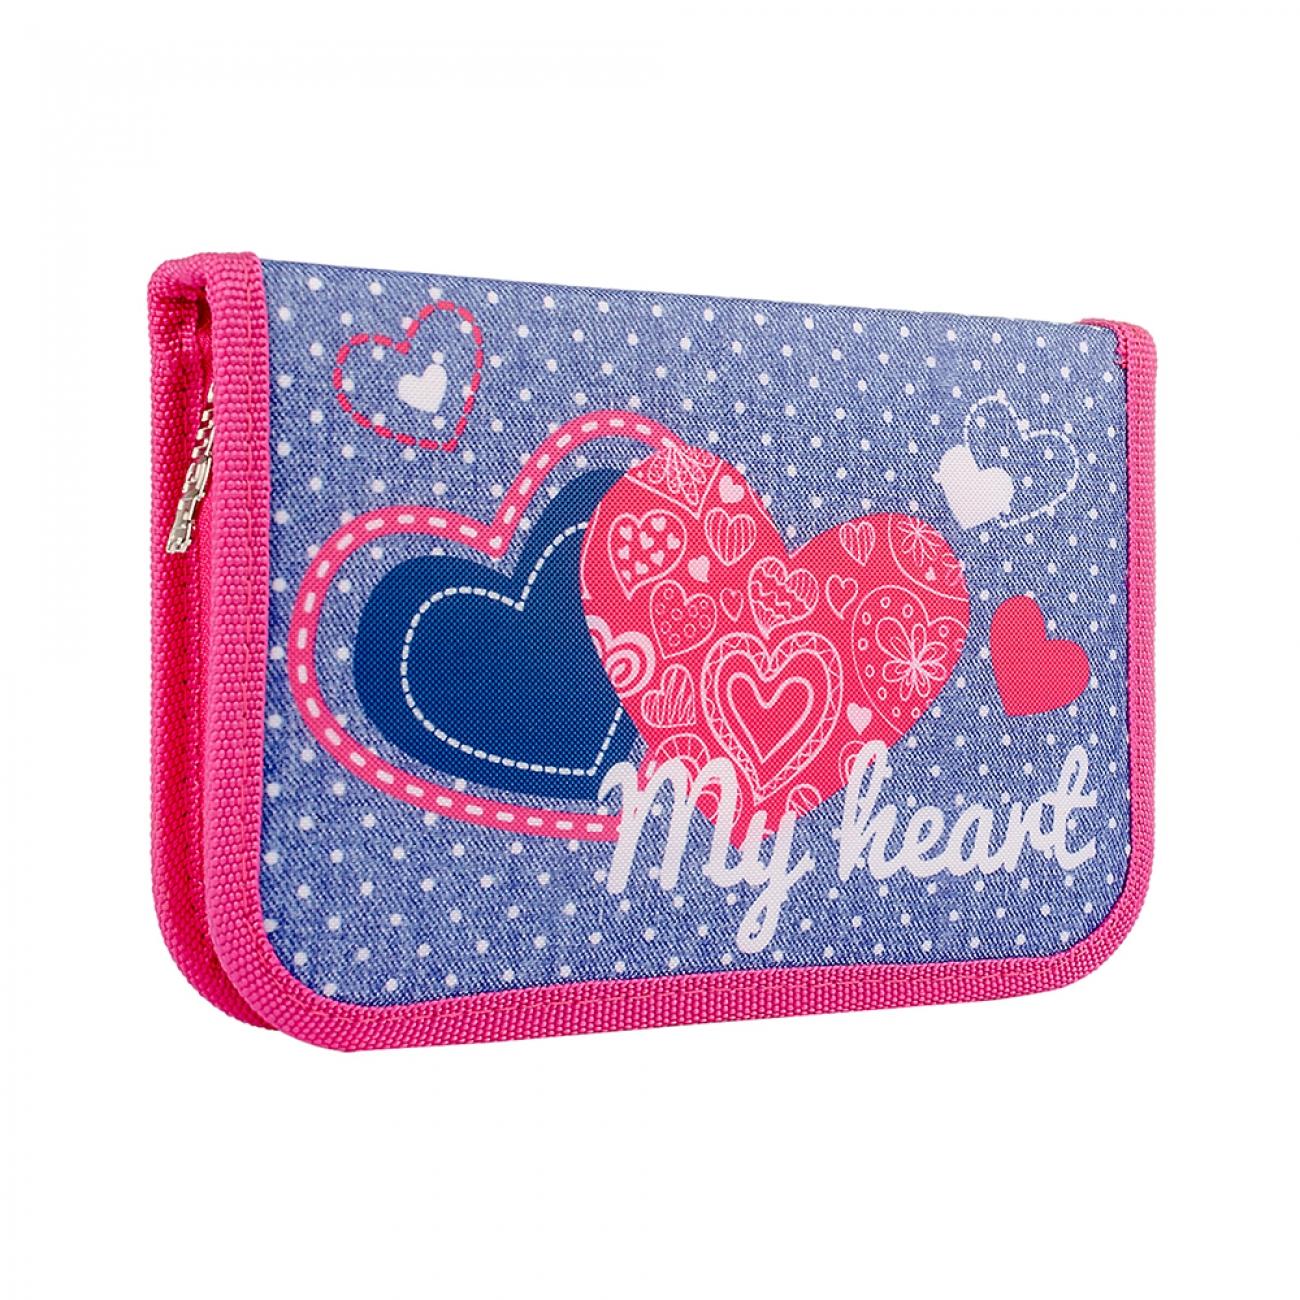 Жесткий пенал  SMART single 20.5x3.2x13  with one flap HP-03 My heart  - 1